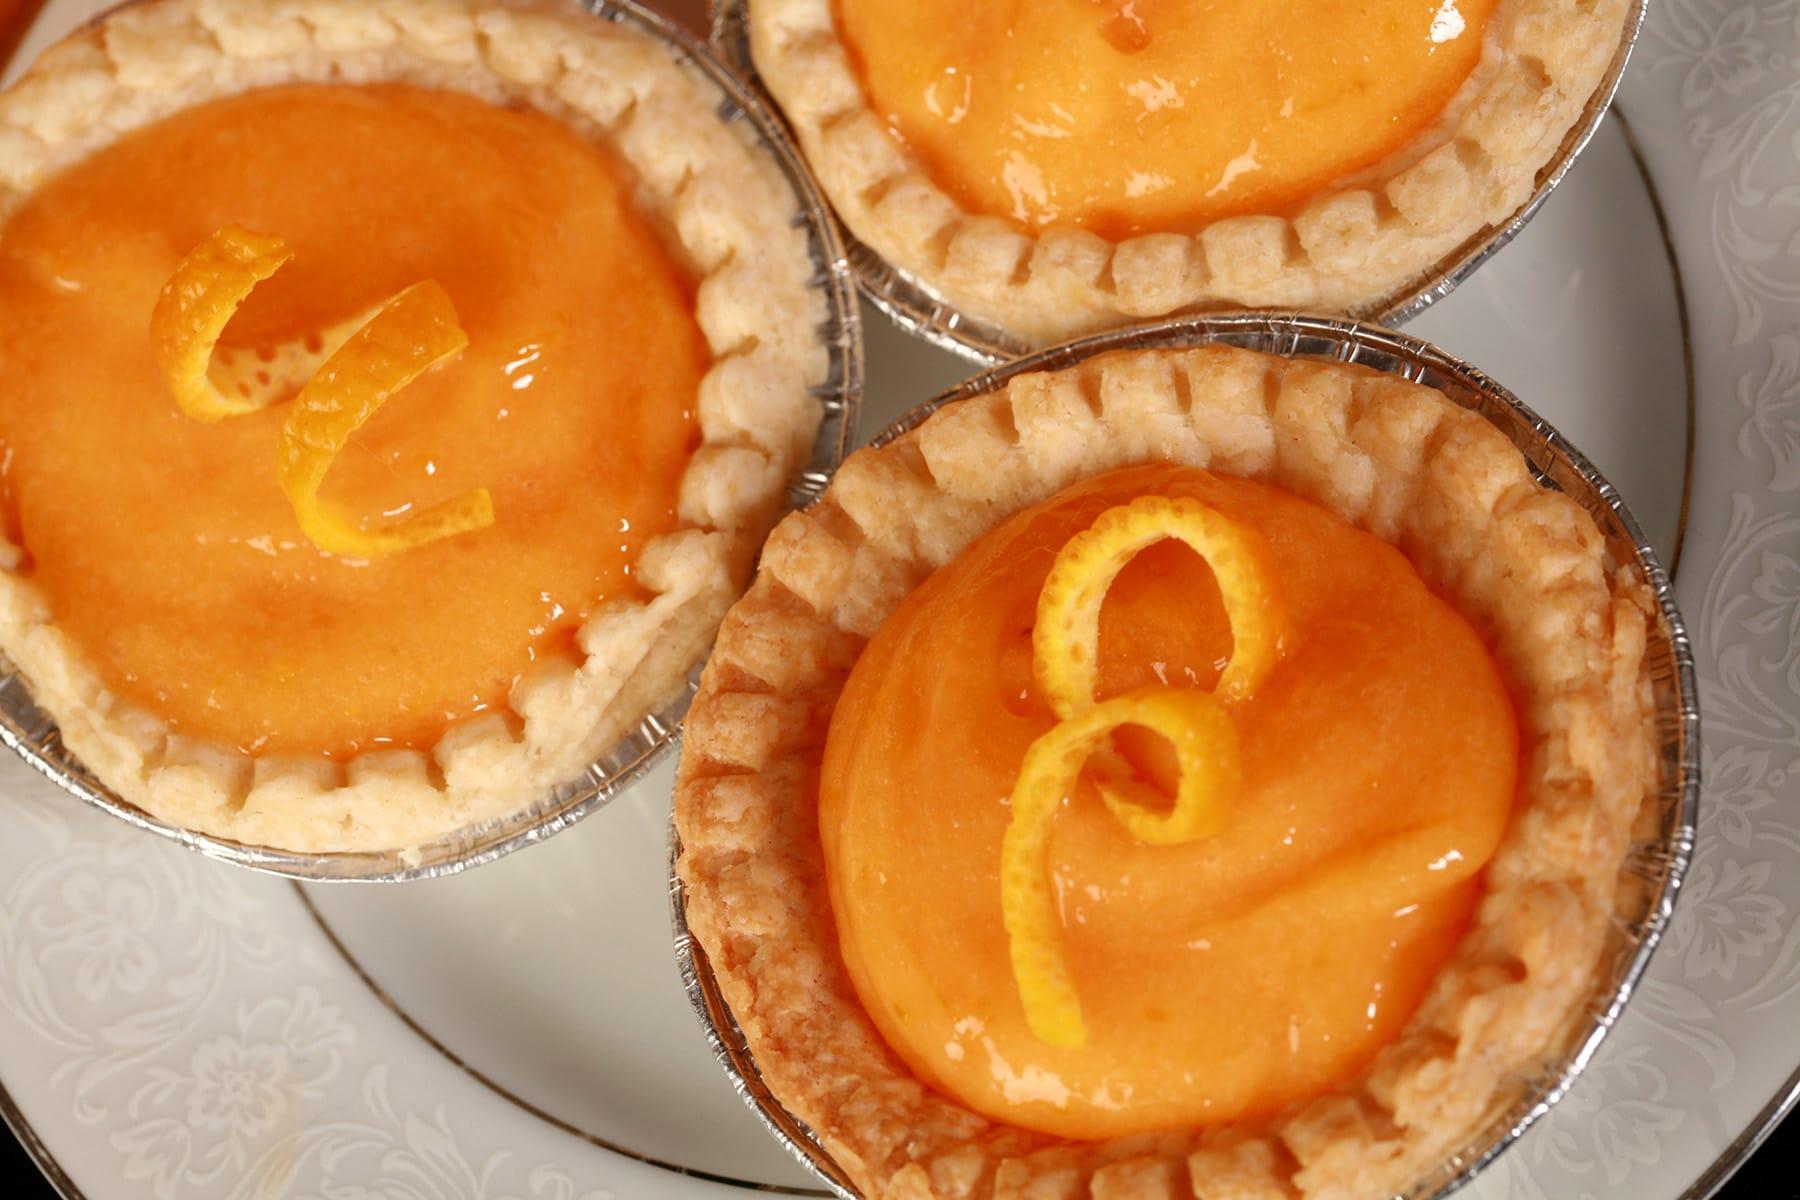 3 orange tarts on a plate.